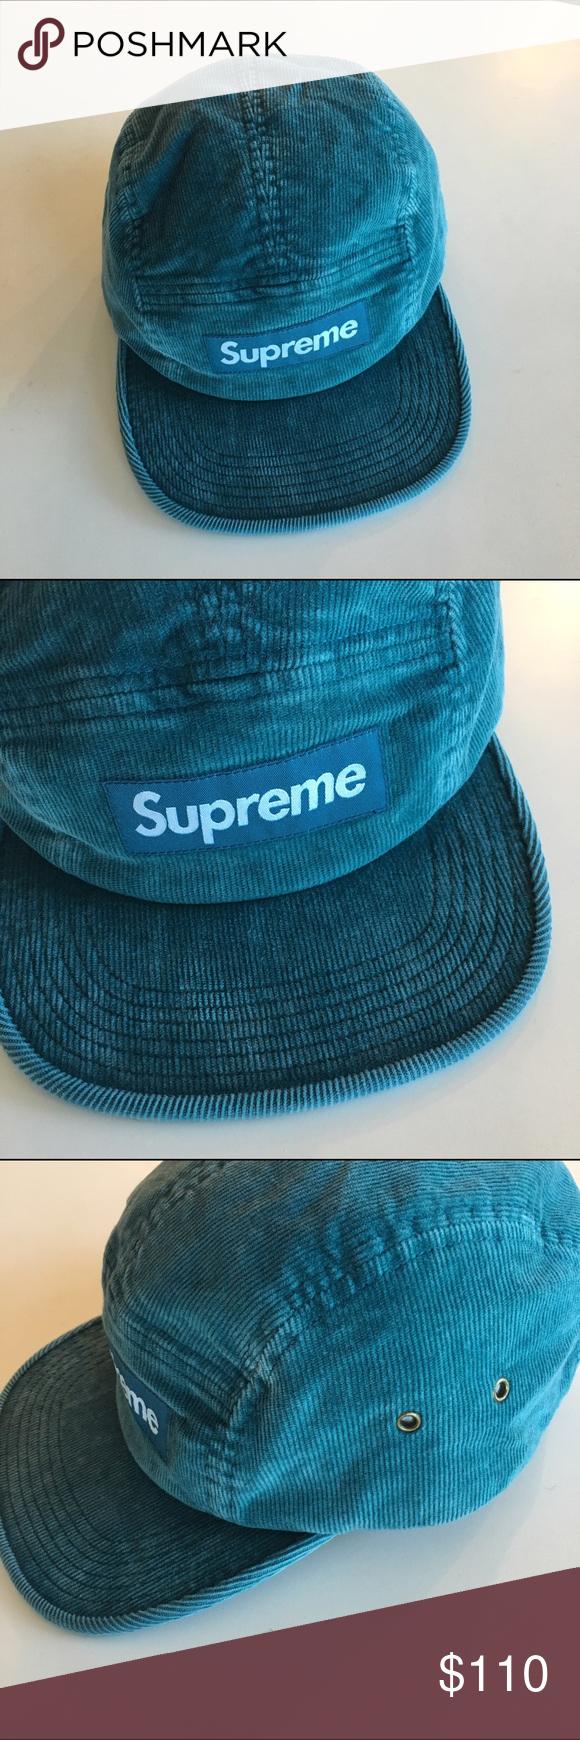 06d981e63de Supreme Supreme corduroy camp cap Supreme Accessories Hats ...